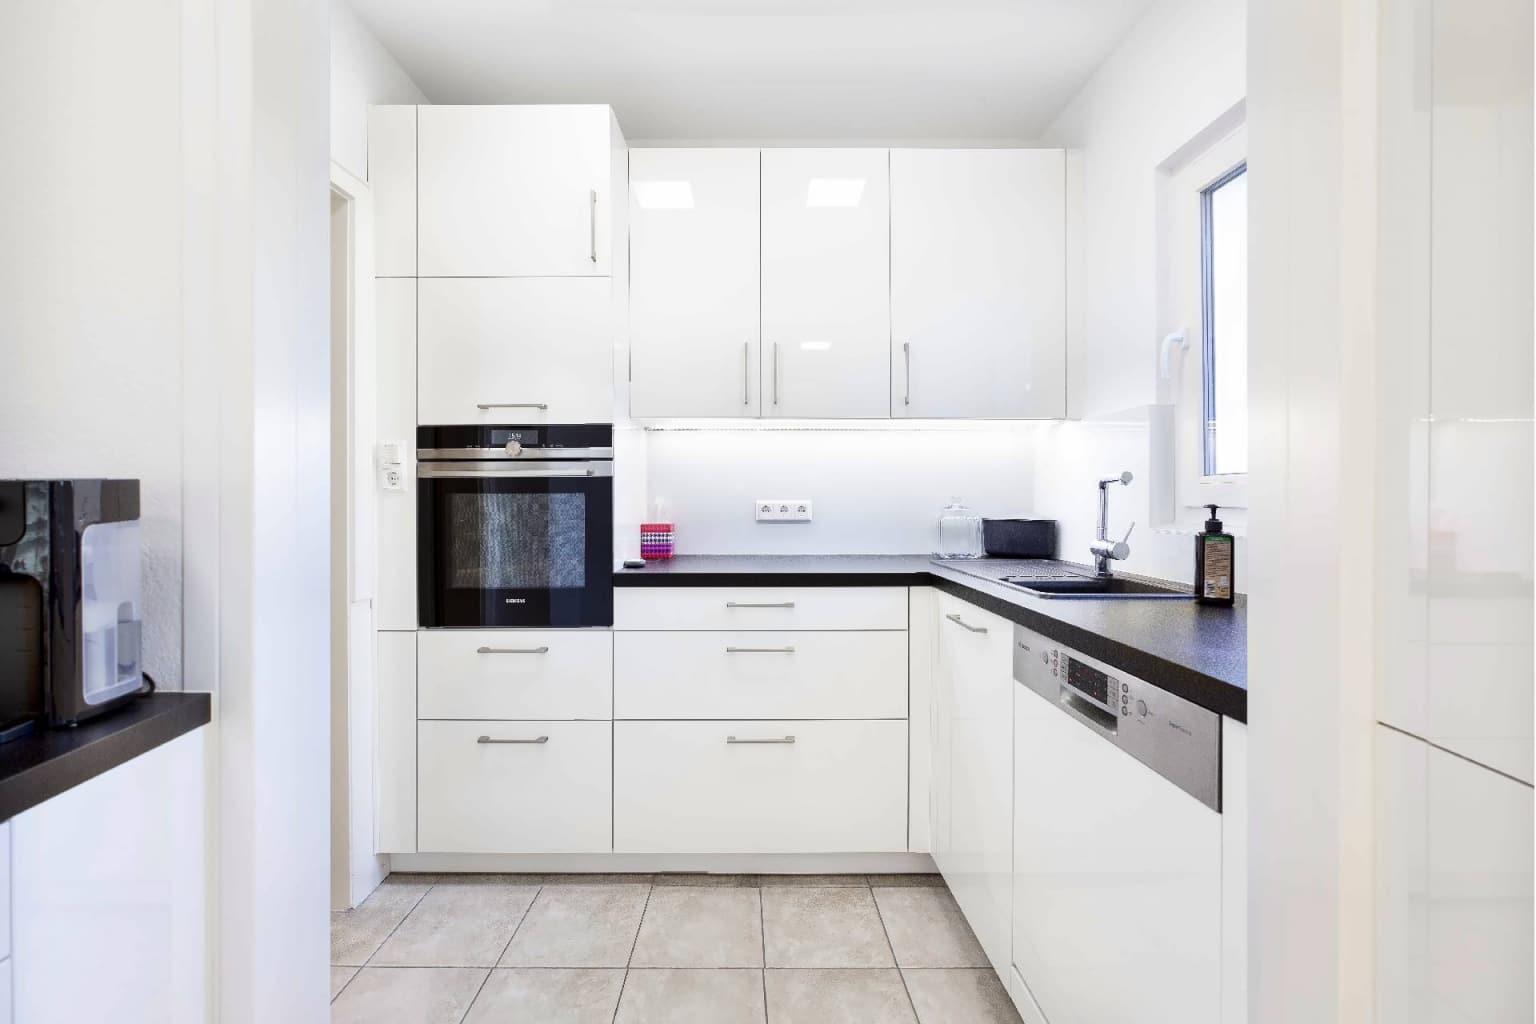 Mehrteilige Wohnküche in Hochglanz (4)